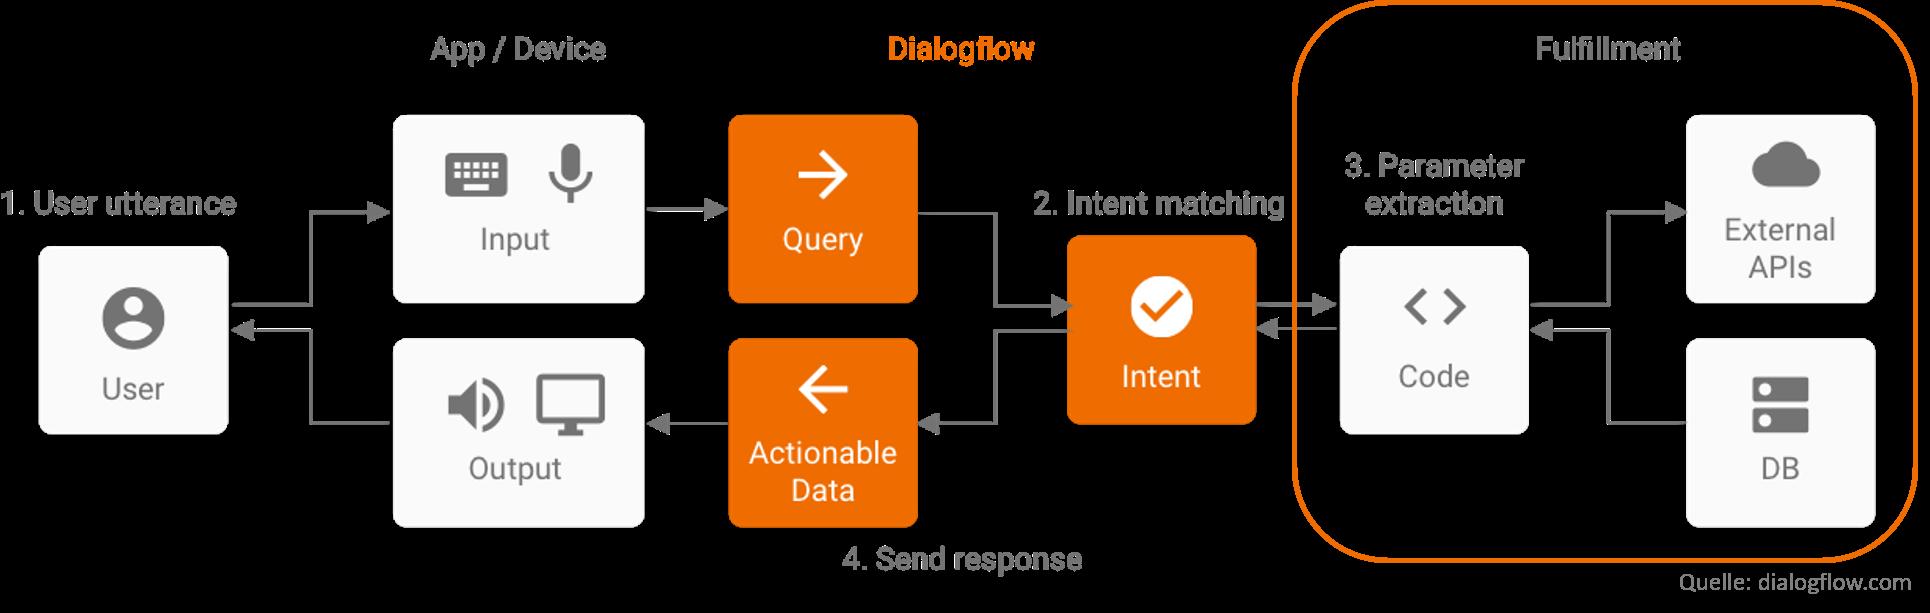 Fulfillment Dialogflow